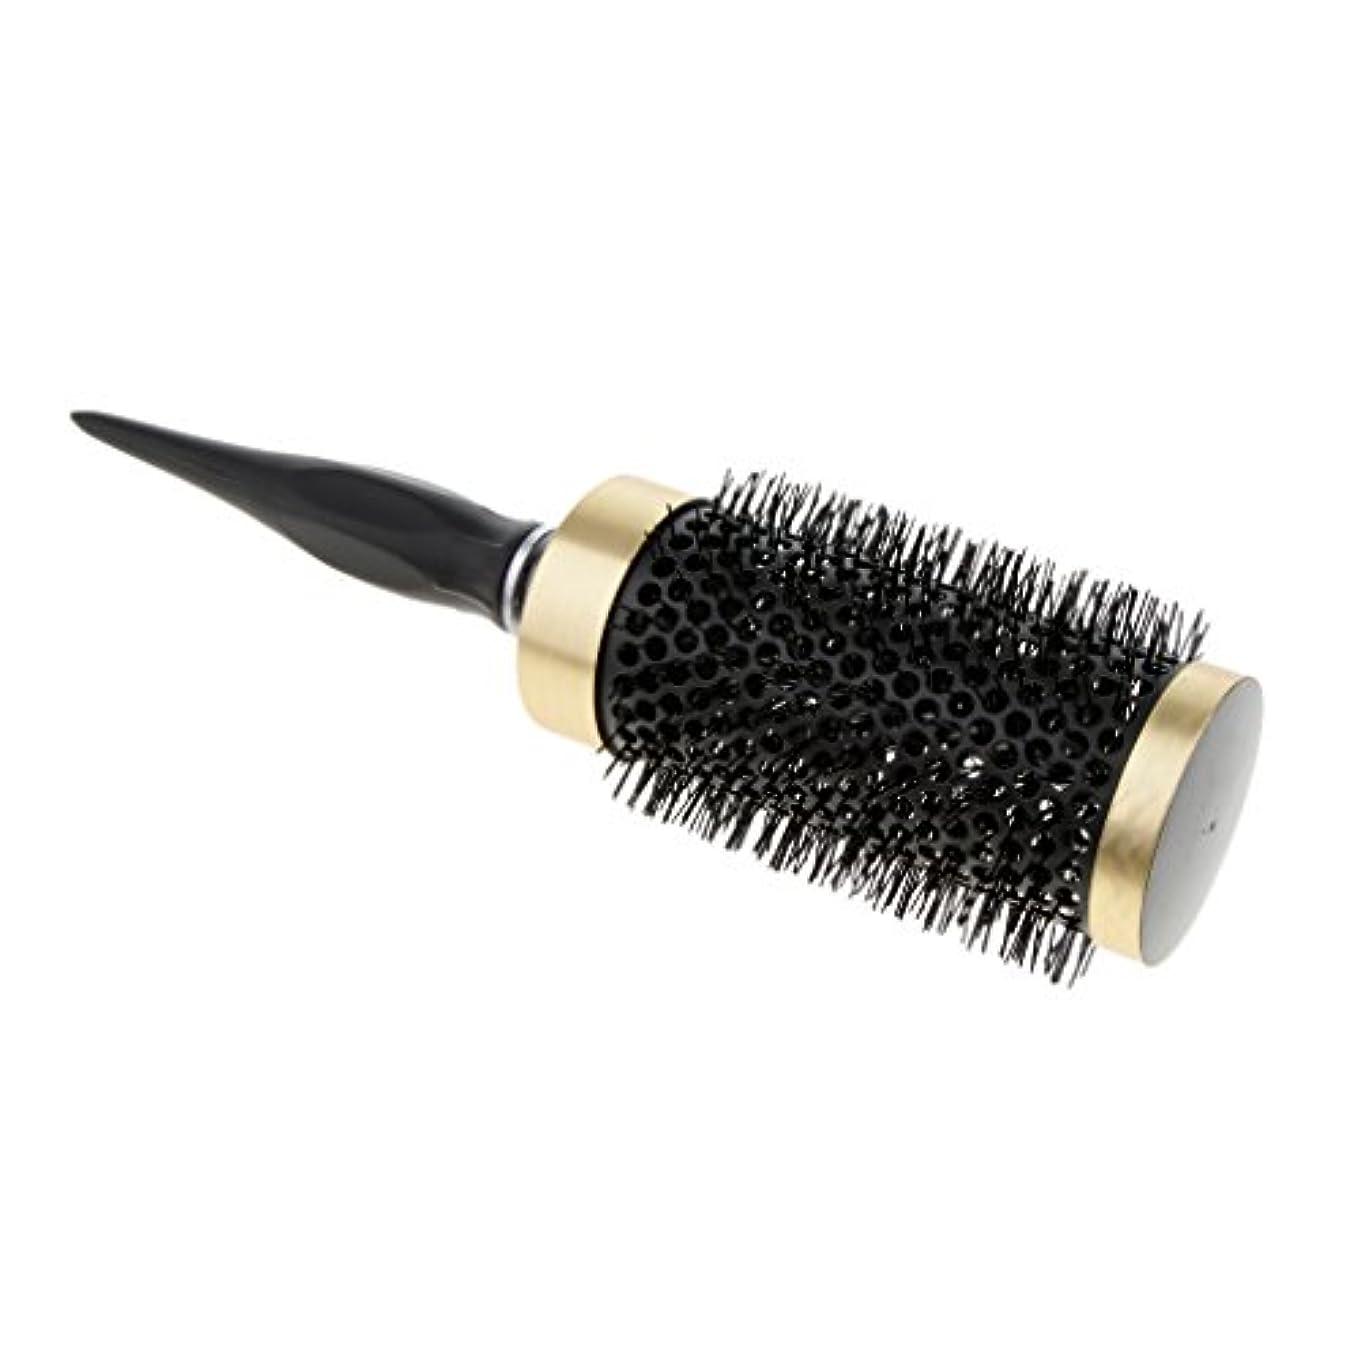 Perfk ロールブラシ ヘアブラシ ナイロンブラシ 静電気防止  カーリング 巻き髪ヘア 全5サイズ - 52mm